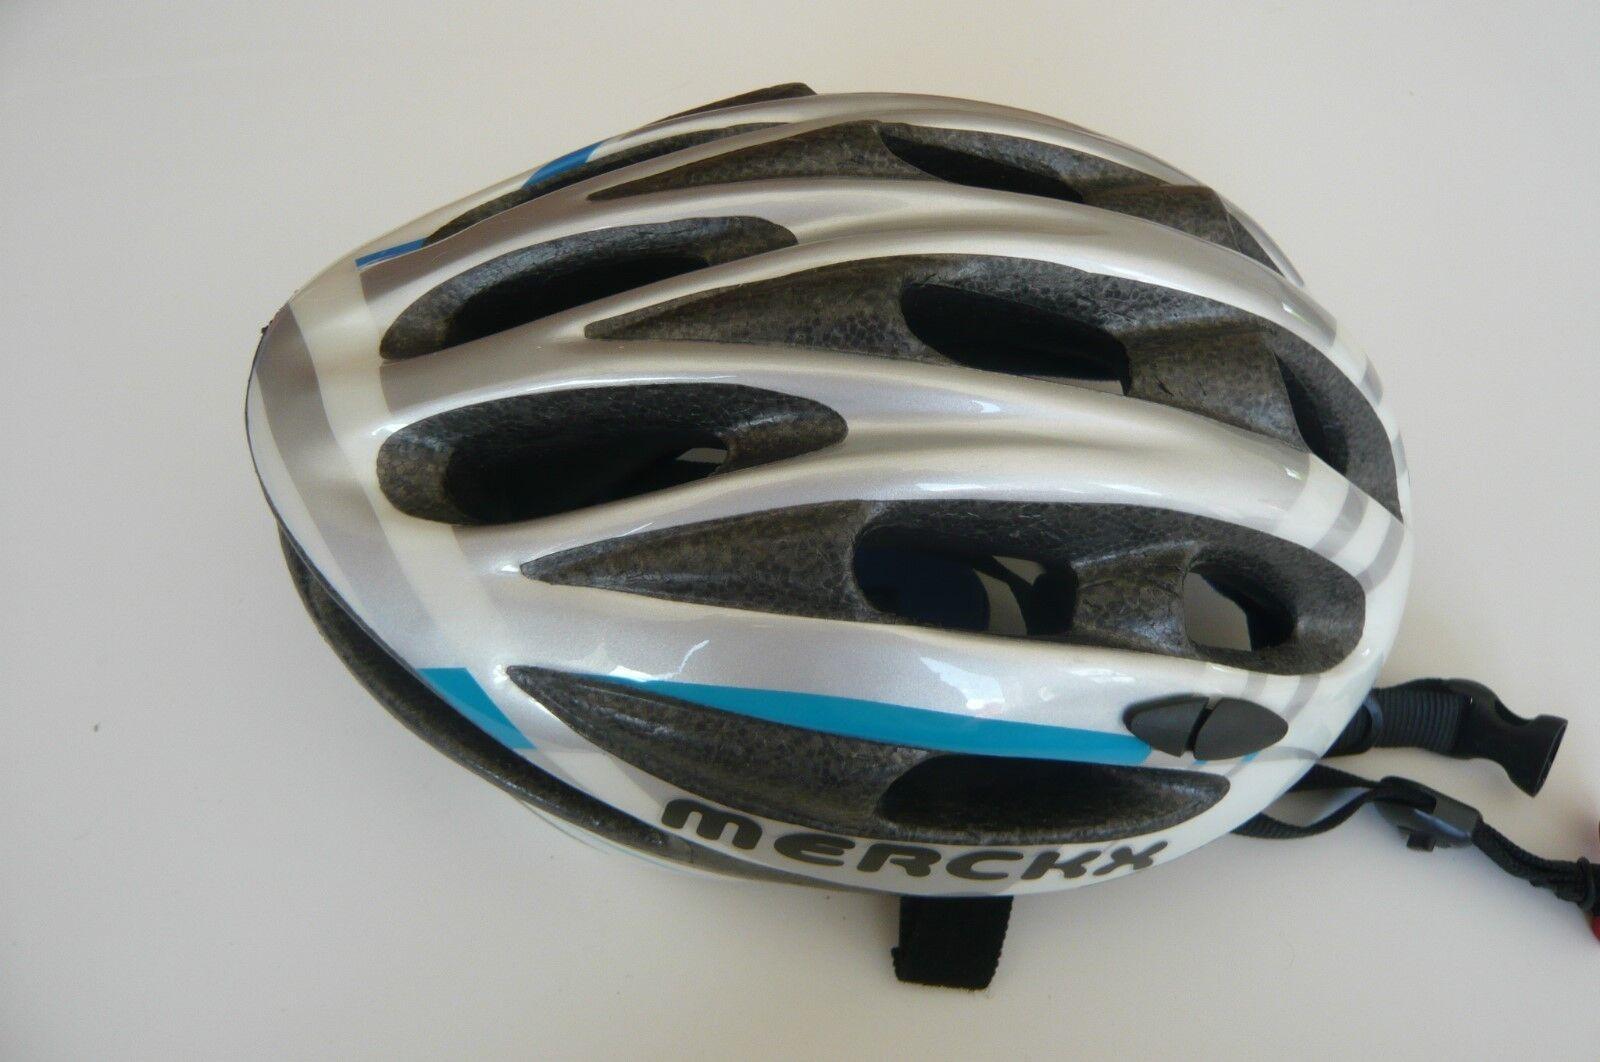 Eddy Merckx Helmet Size 53-56 Lazer NOS